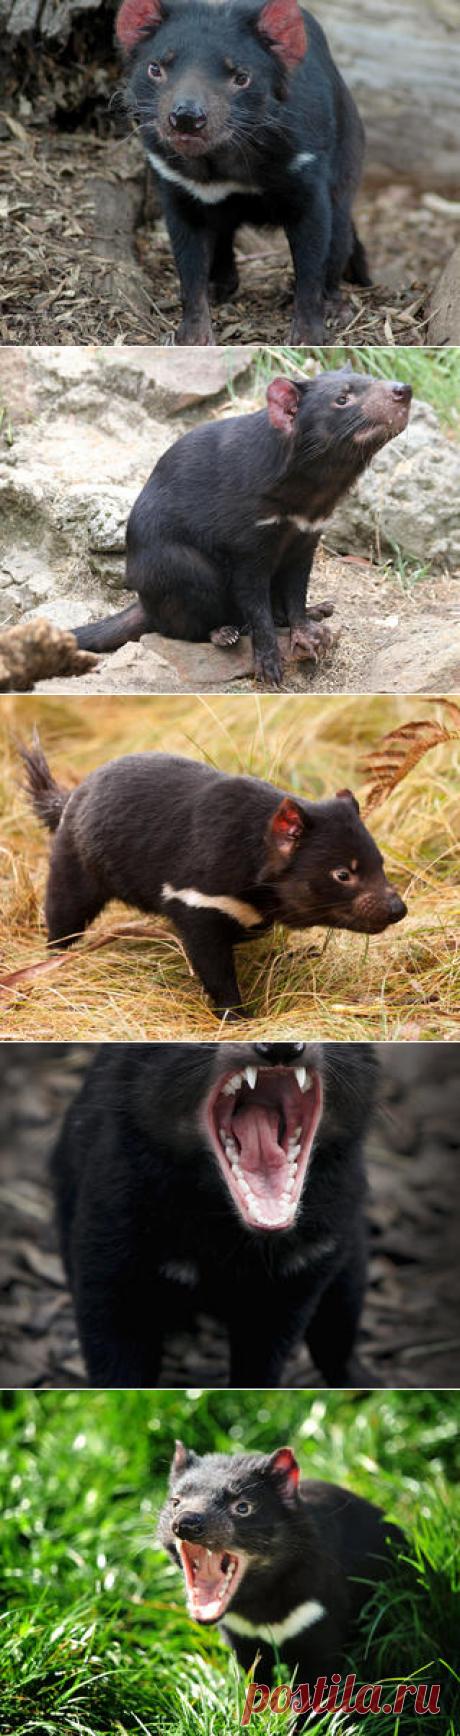 Смотреть изображения тасманских дьяволов | Зооляндия